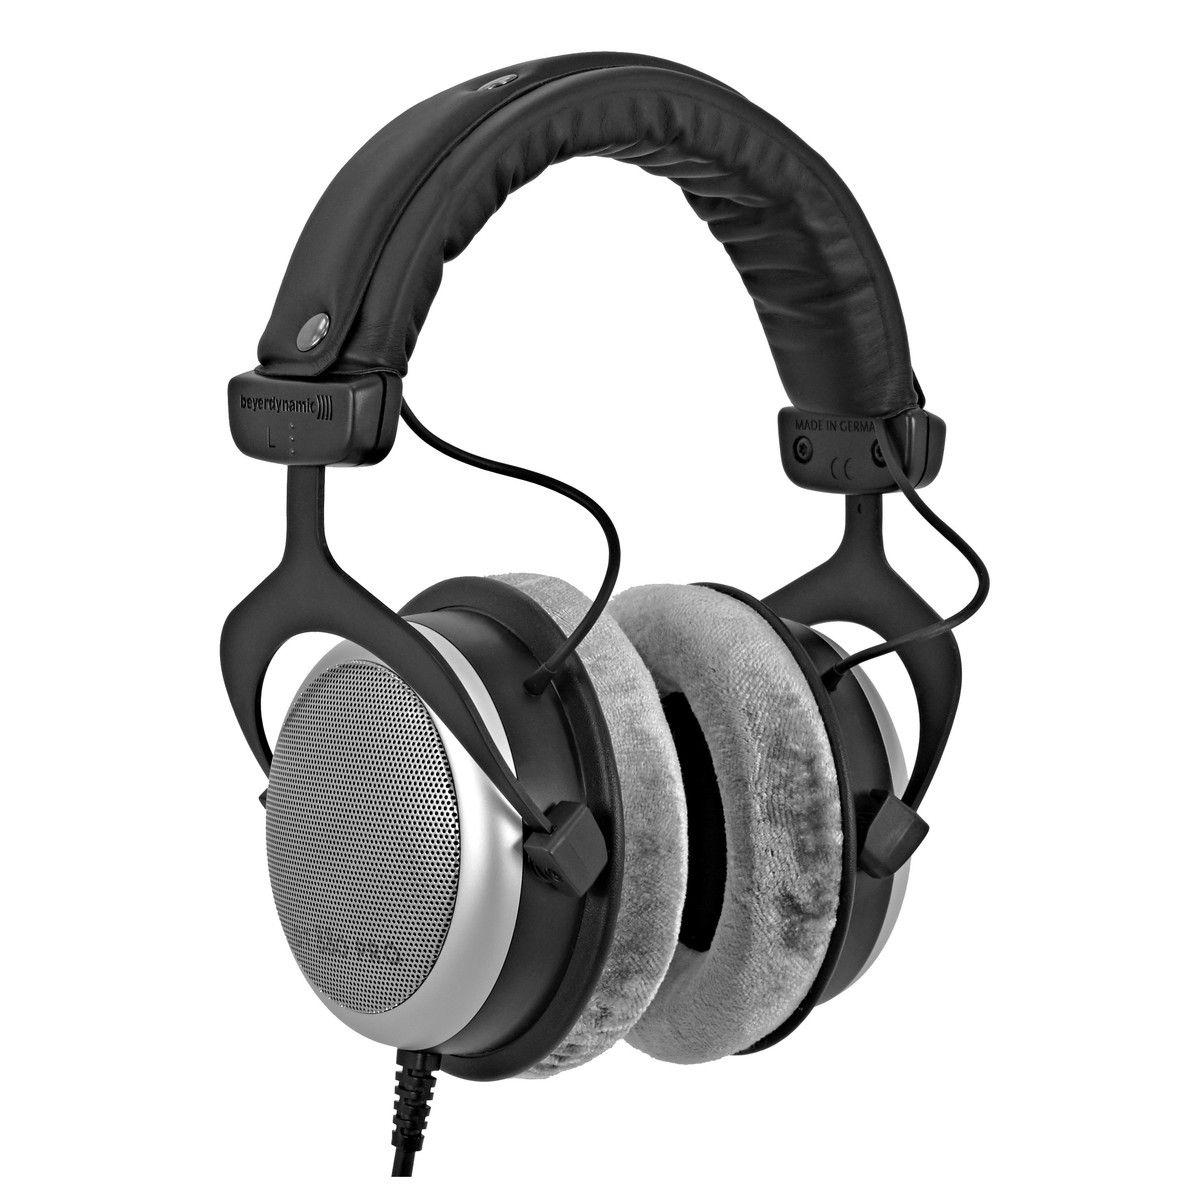 Beyerdynamic DT880 Pro 250 ohms Headphones £152 @ bax-shop